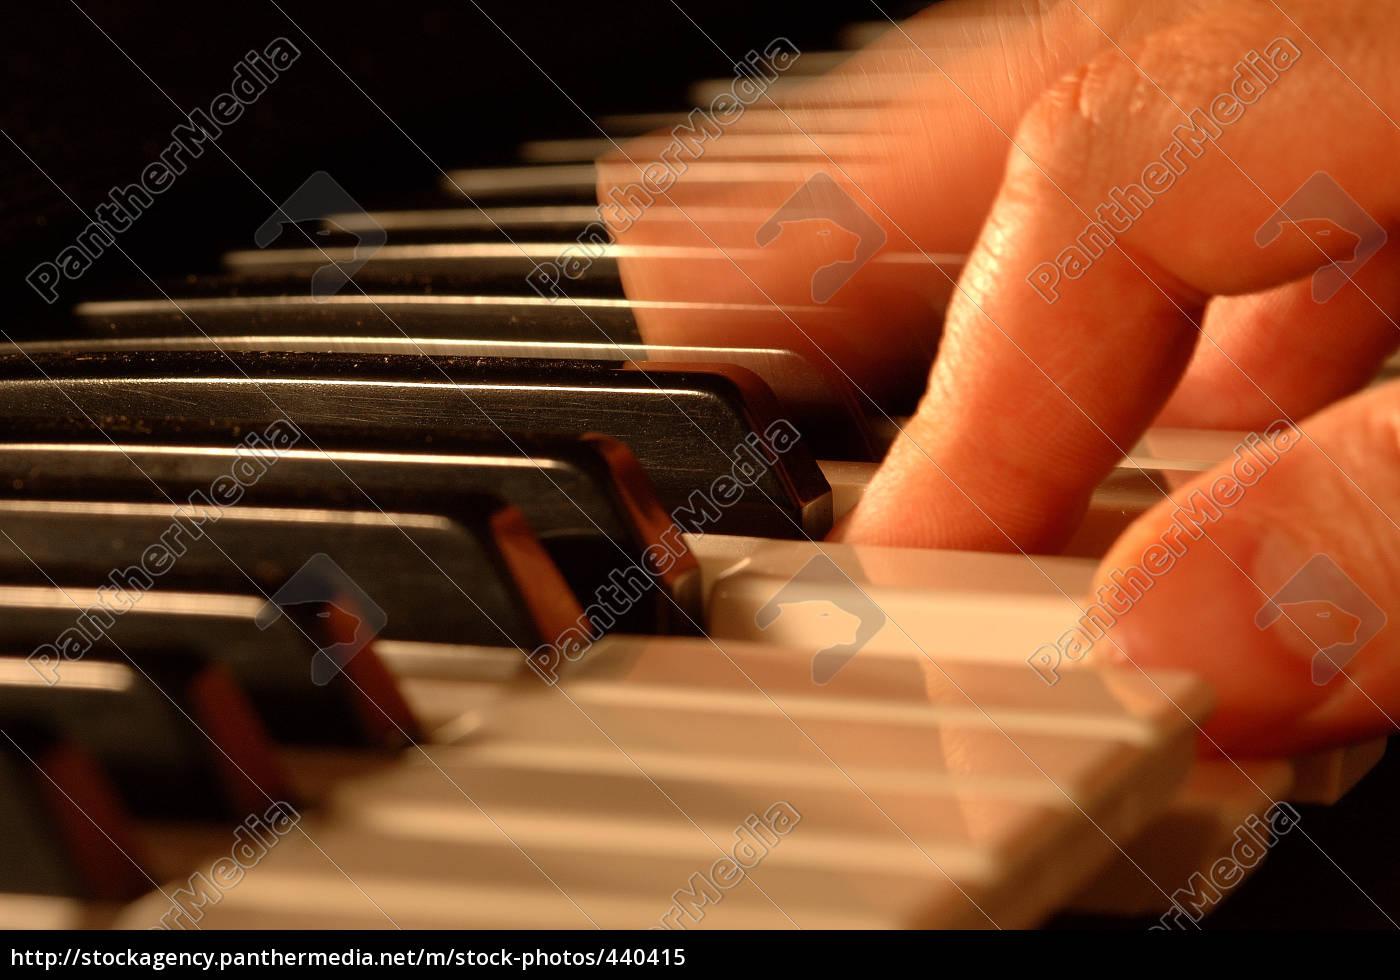 play, piano - 440415